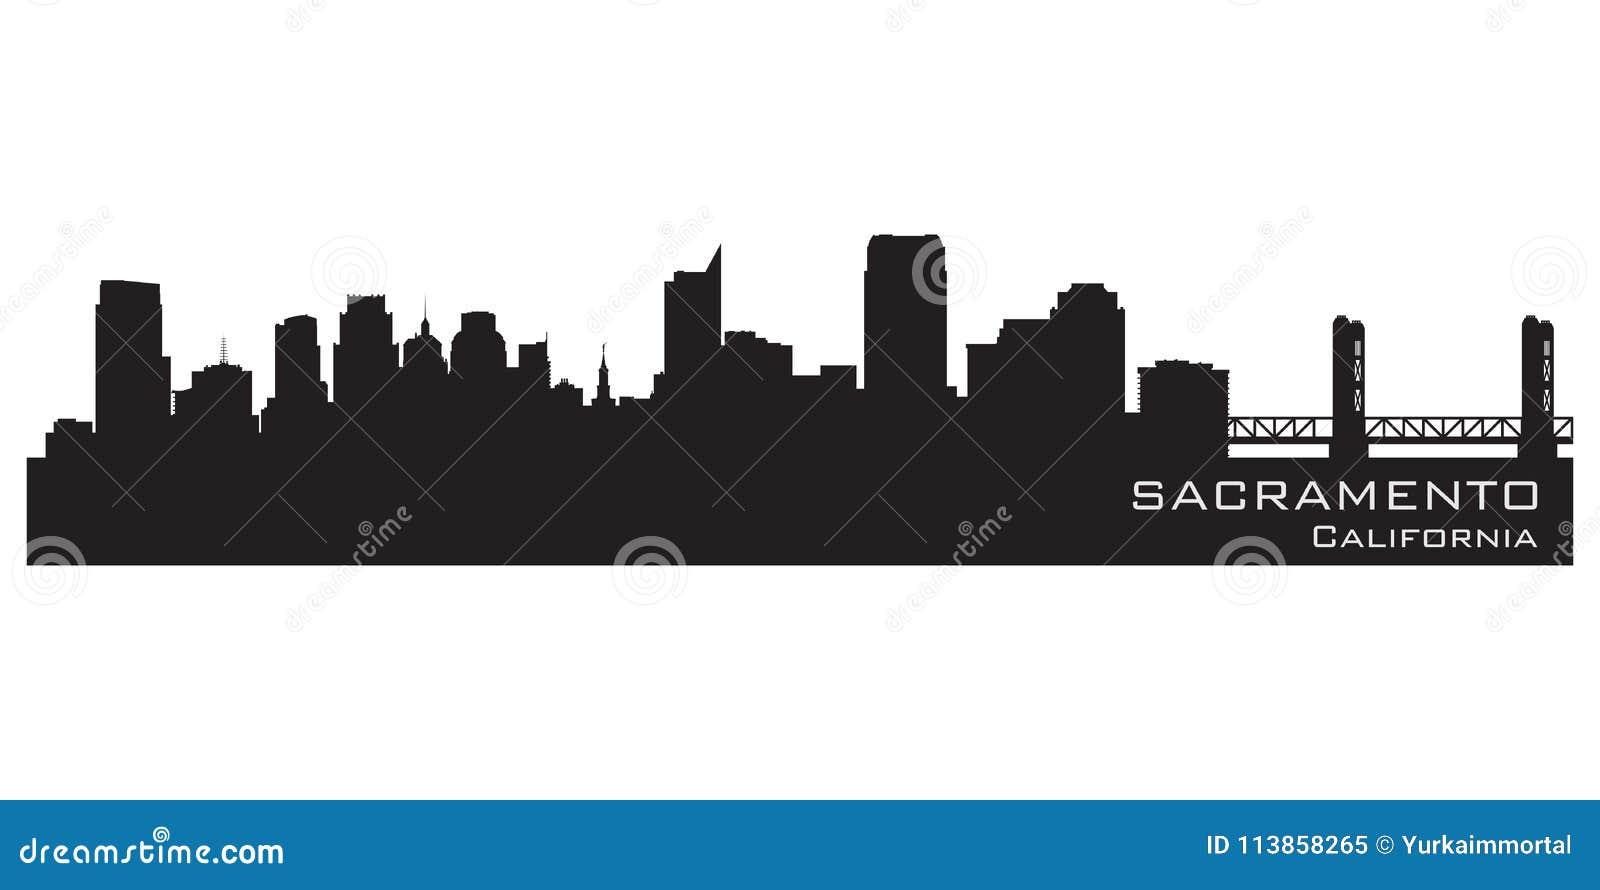 Sacramento Ilustraciones Stock, Vectores, Y Clipart